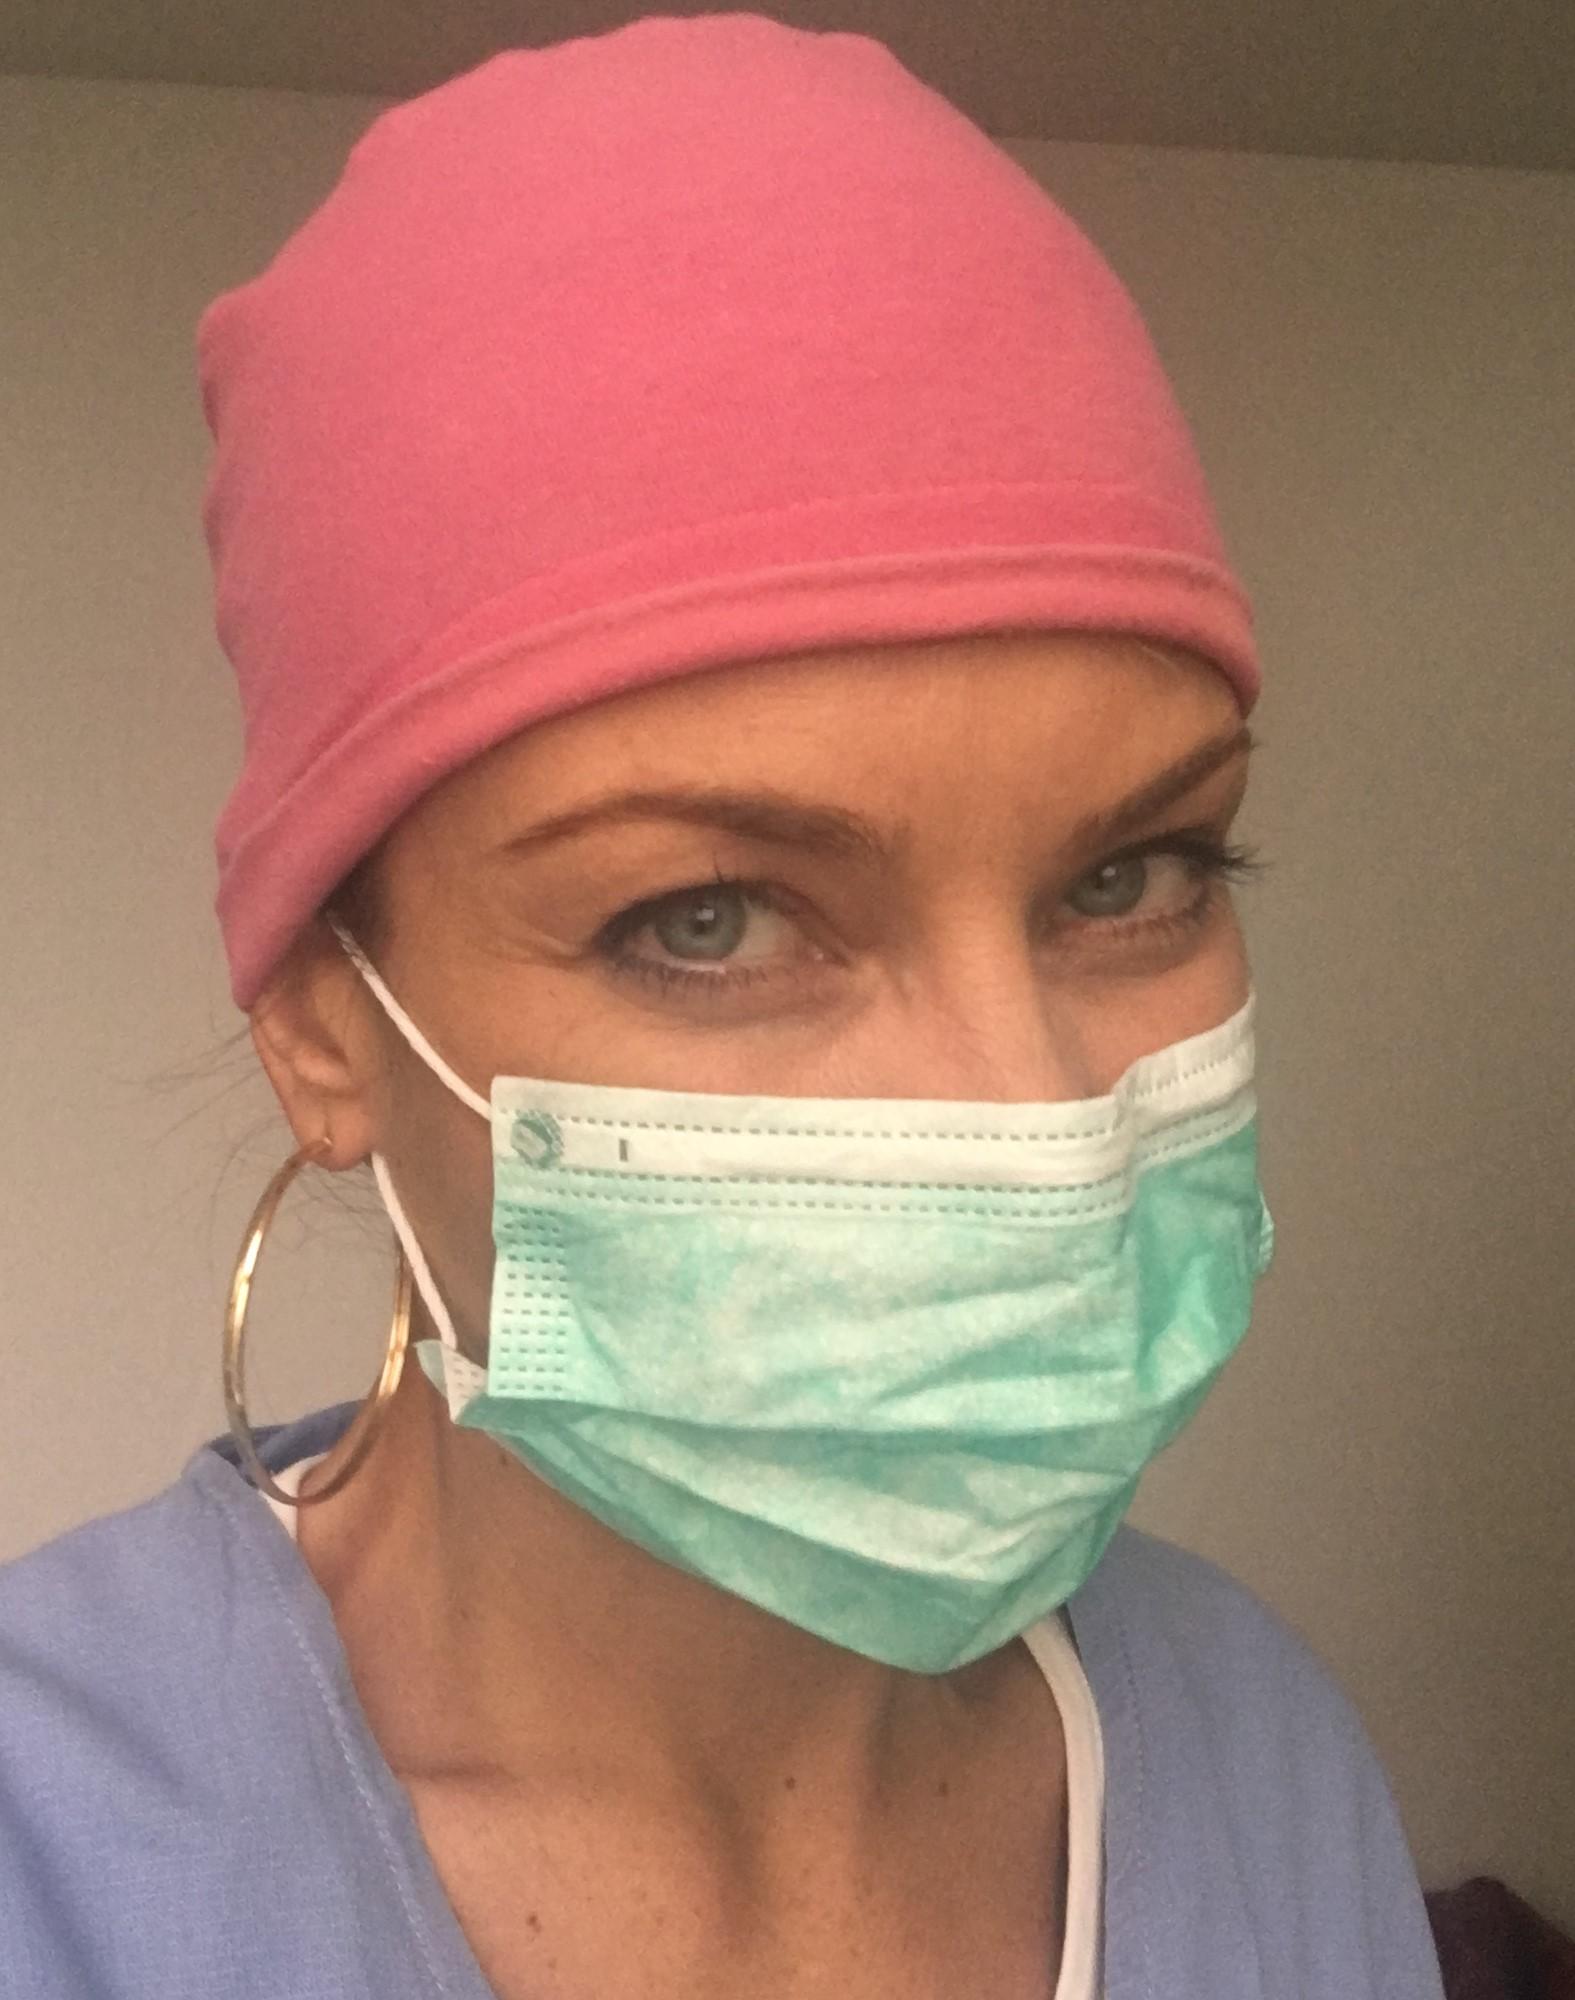 műtét, hogy lefogyjon dr g fogyás newport ky